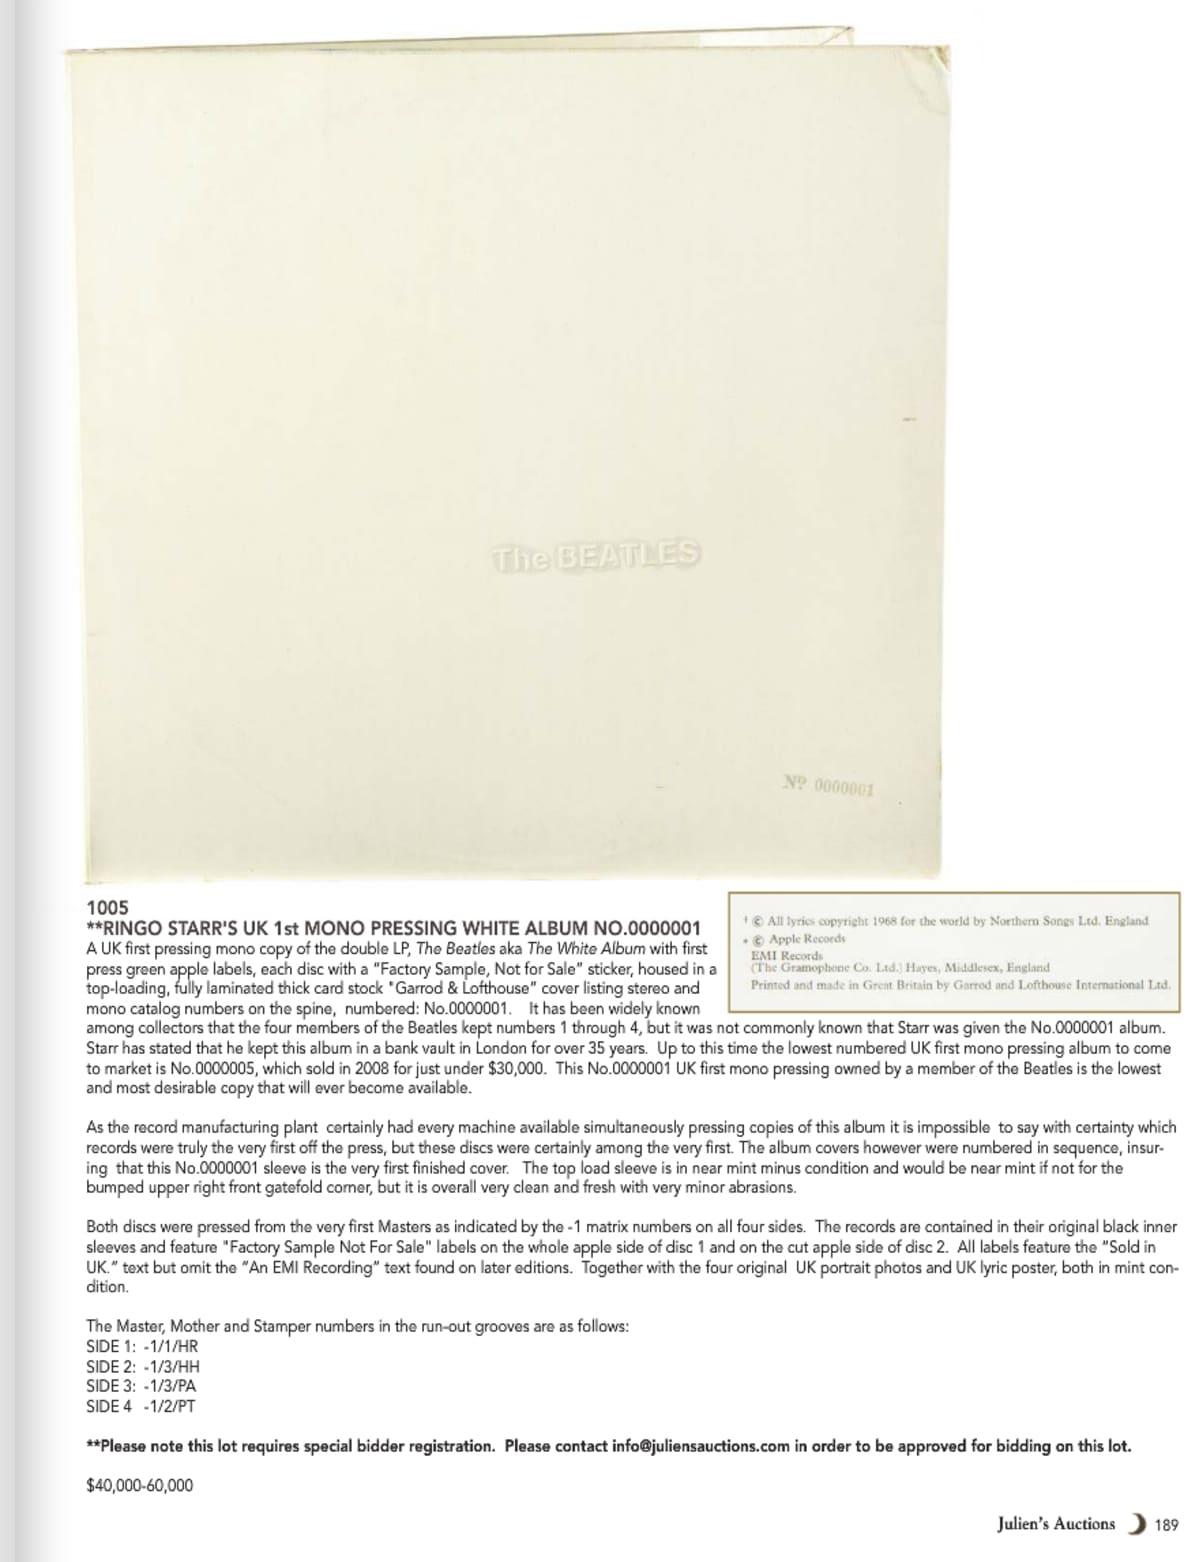 Kuvankaappaus Ringon omistaman White Albumin esittelysivusta Julien`s Auctions -huutokauppakamarin katalogista.